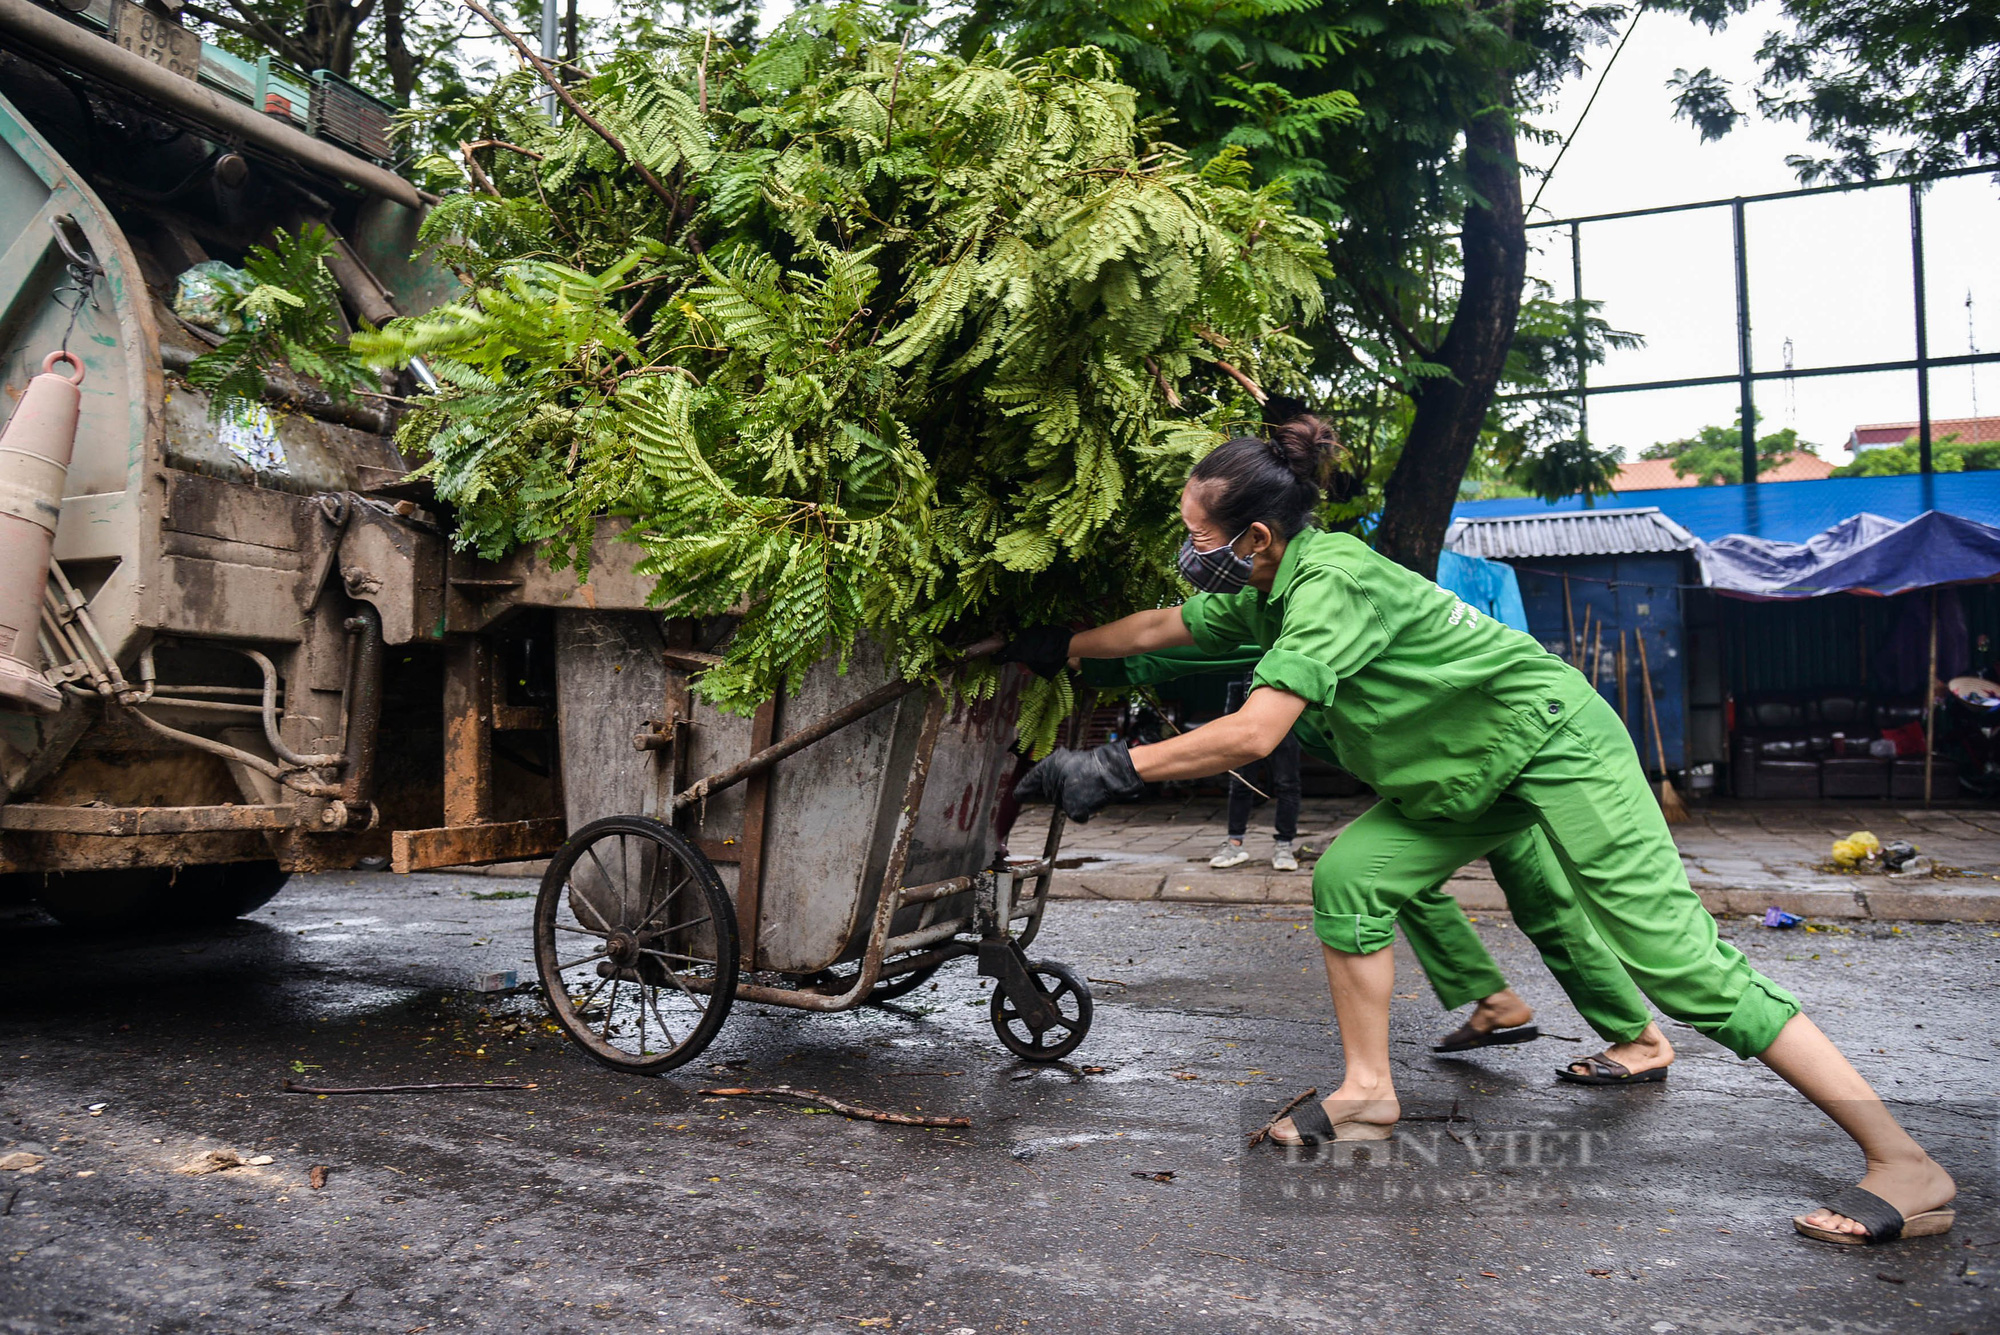 Công nhân vệ sinh môi trường: 'Thất thu' nhẹ mùa dịch, việc nhiều hơn - Ảnh 3.